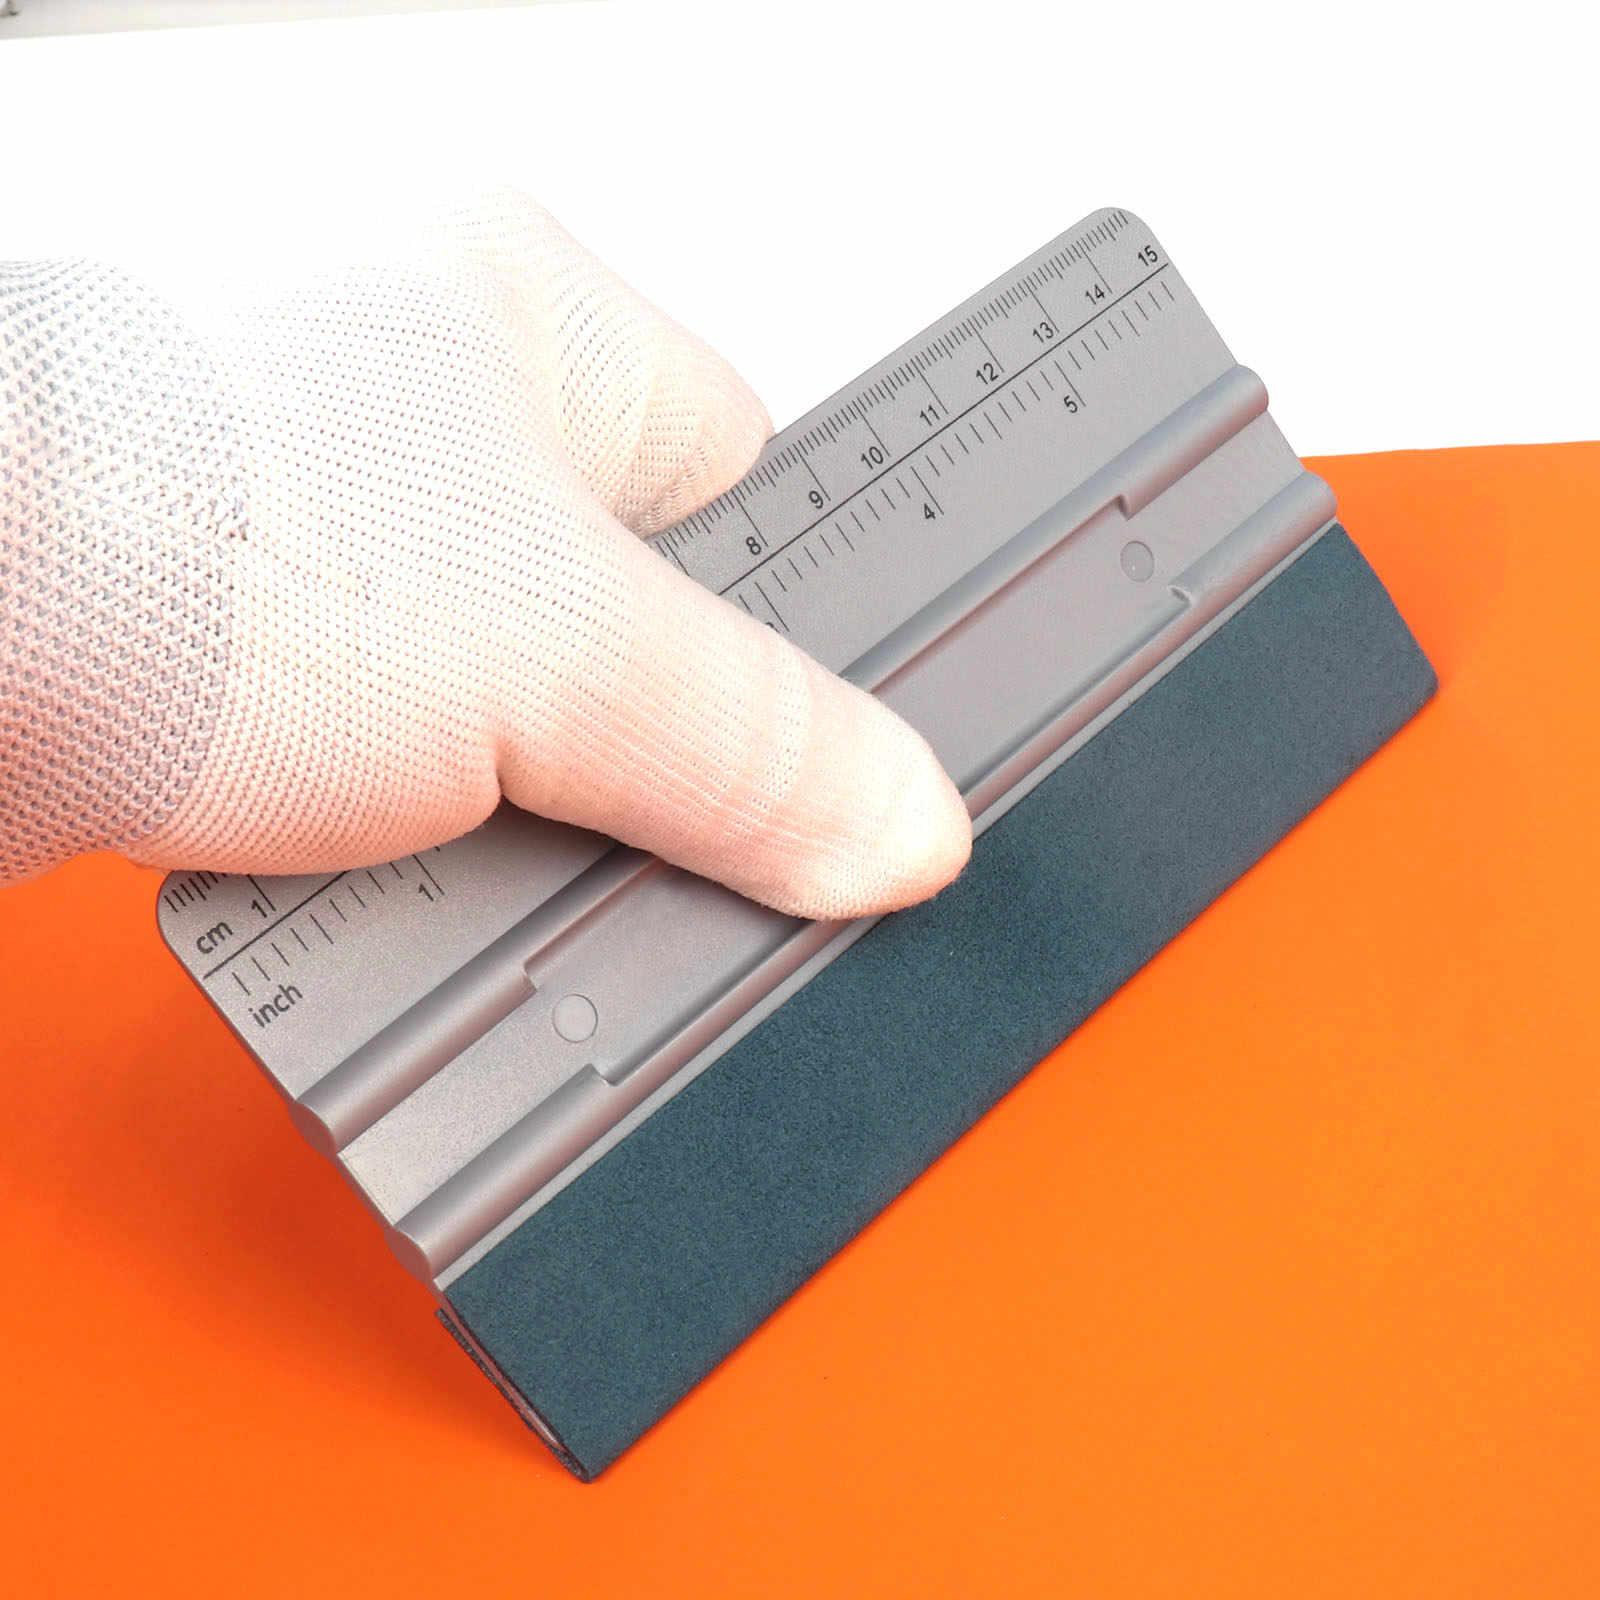 Ehdis Vinyl Xe Bọc Bộ Dụng Cụ Bao Gồm Bộ Phim Xe Gói Nam Châm Chống Sóc Sợi Carbon Lắp Đặt Bộ Dụng Cụ Tự Động Xe Phụ Kiện